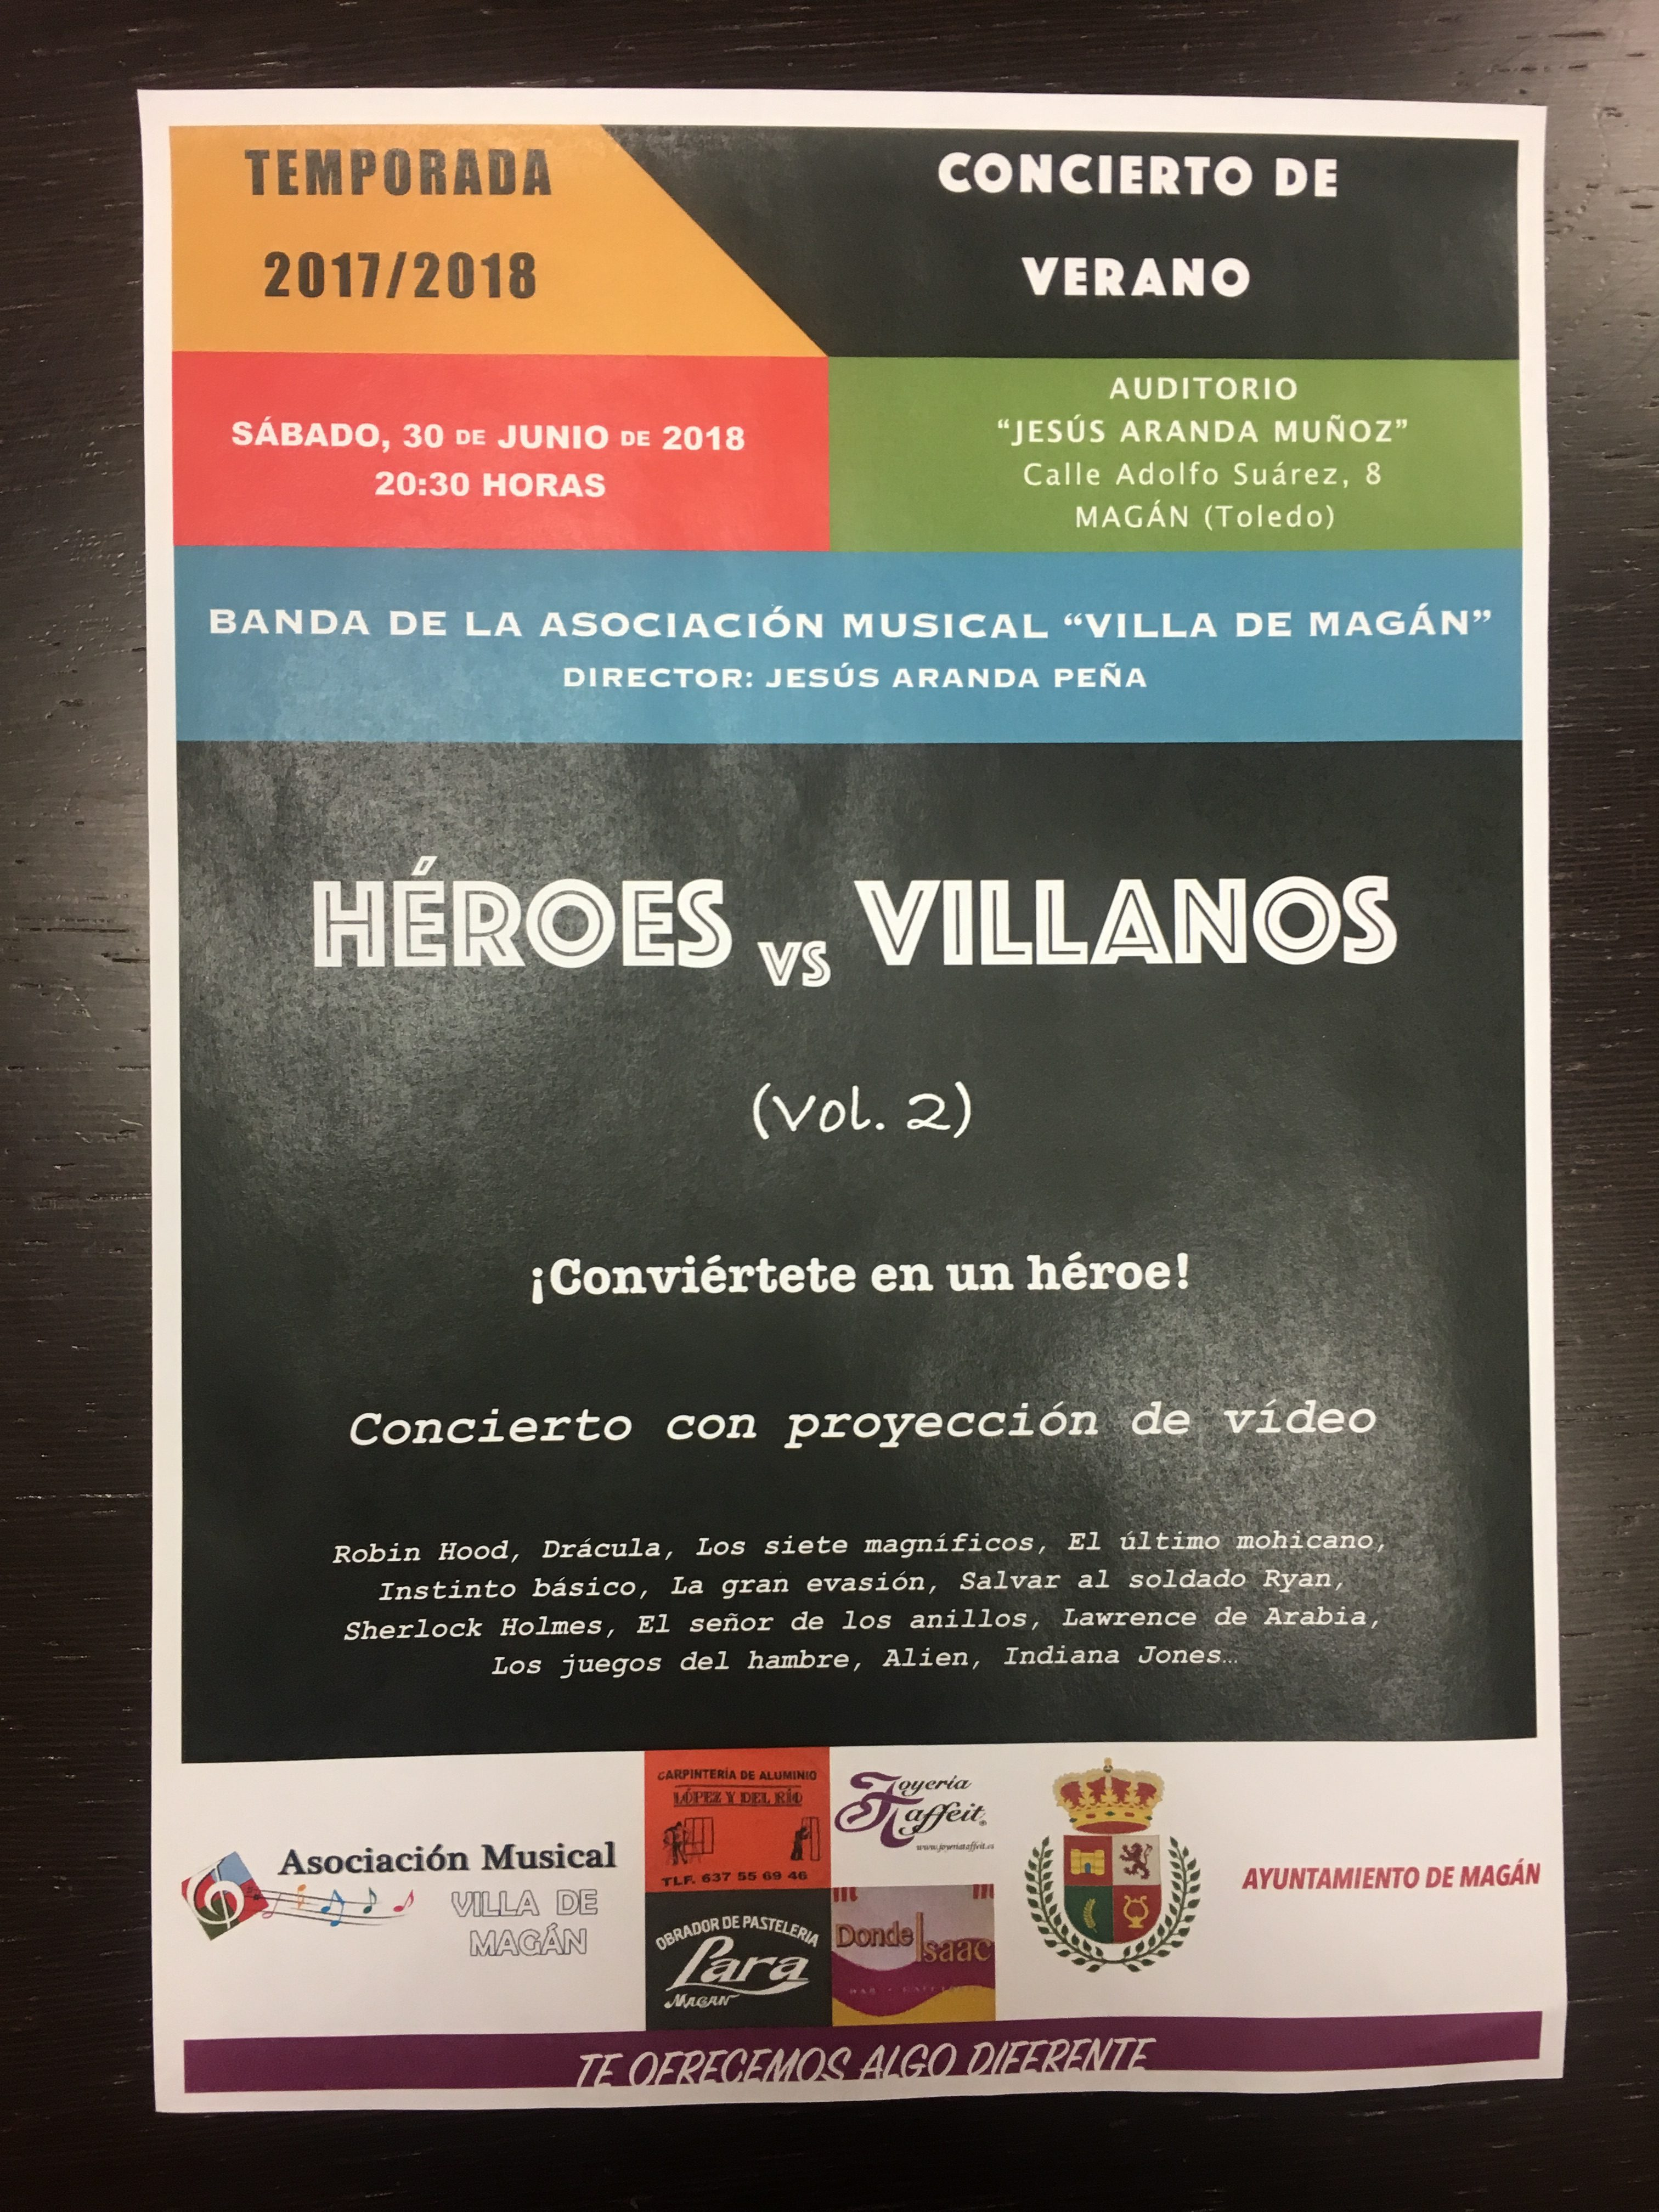 Concierto Verano Heroes y Villanos